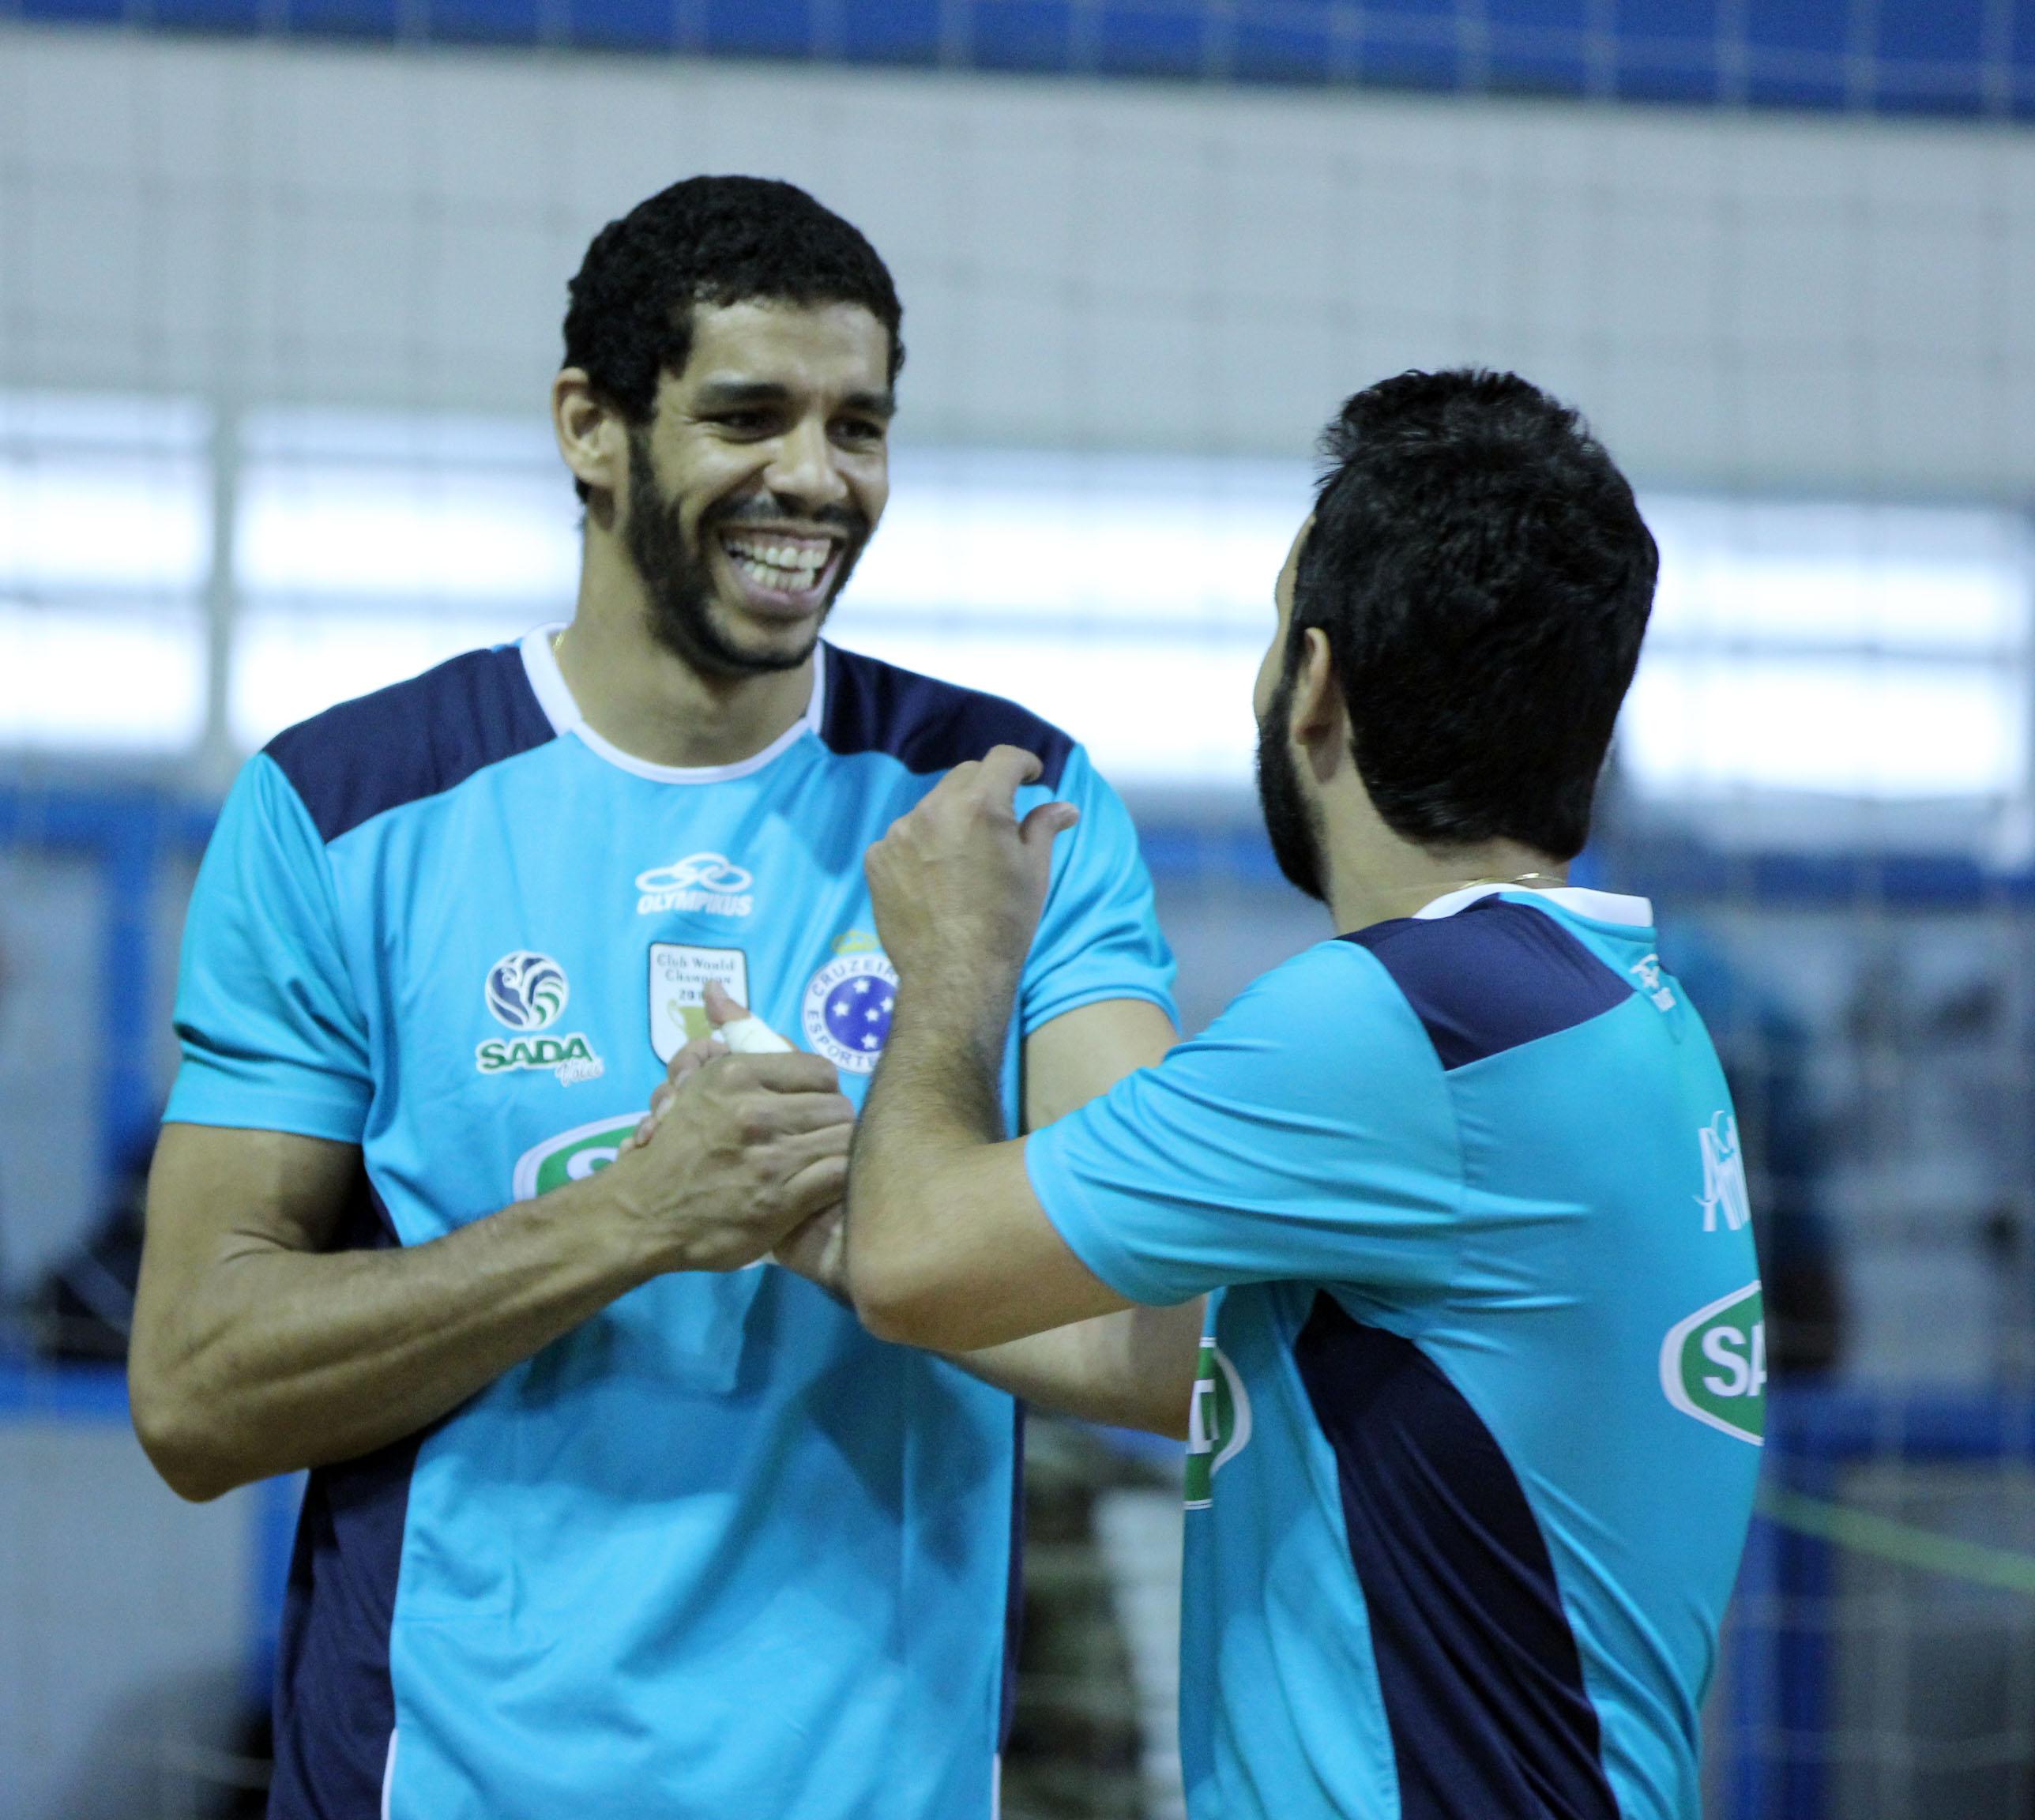 Wallace e Éder voltam ao Sada Cruzeiro após Mundial com a seleção brasileira 39eeb427346b2